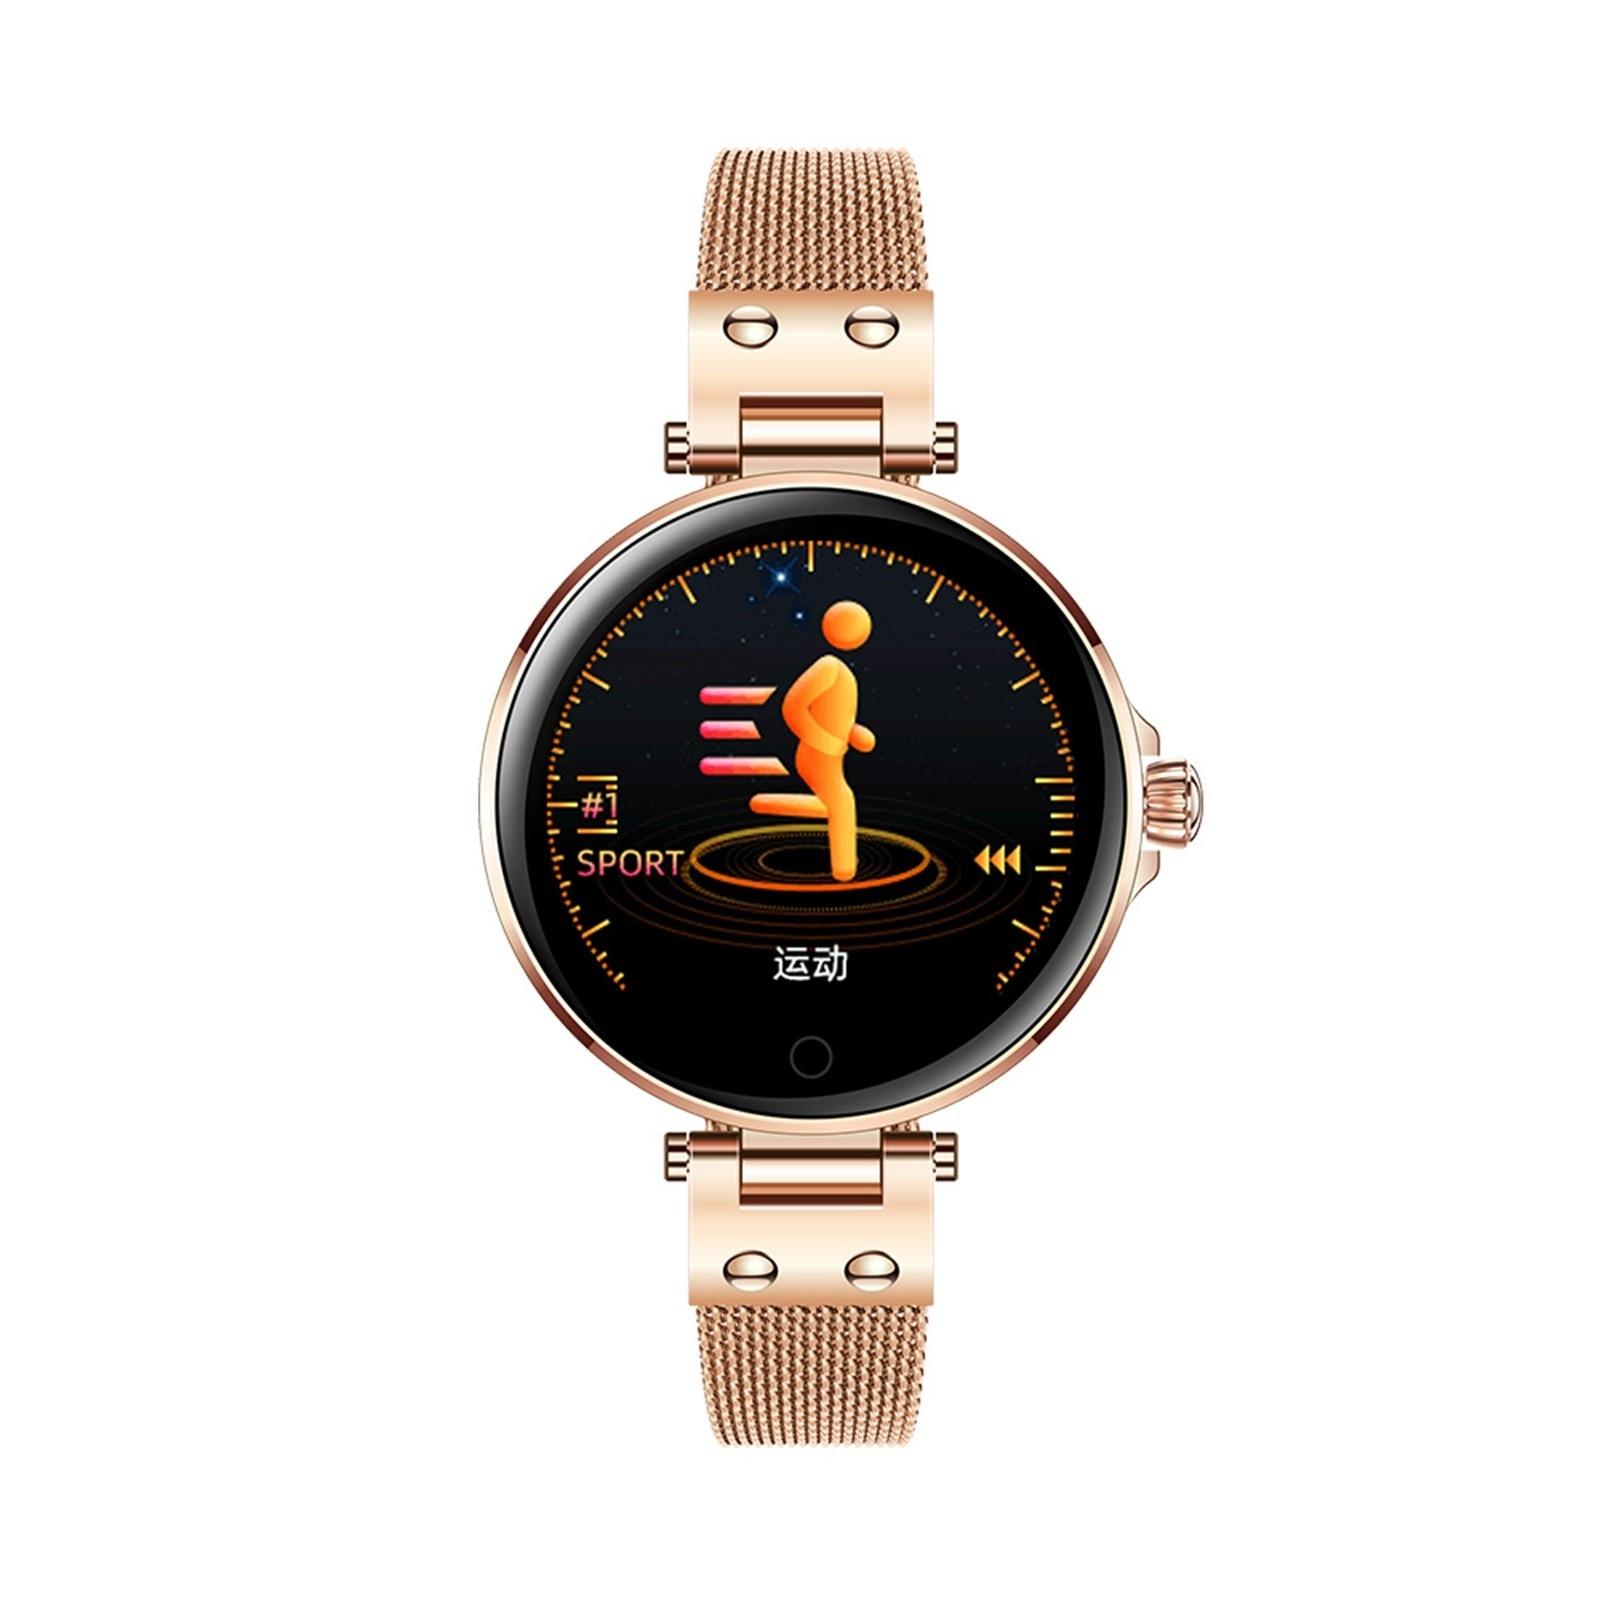 Temperatura do Corpo Nssd Senhoras Relógio Inteligente Freqüência Cardíaca Pressão Arterial Sono Monitoramento Moda Relógios Multi-função Pulseira